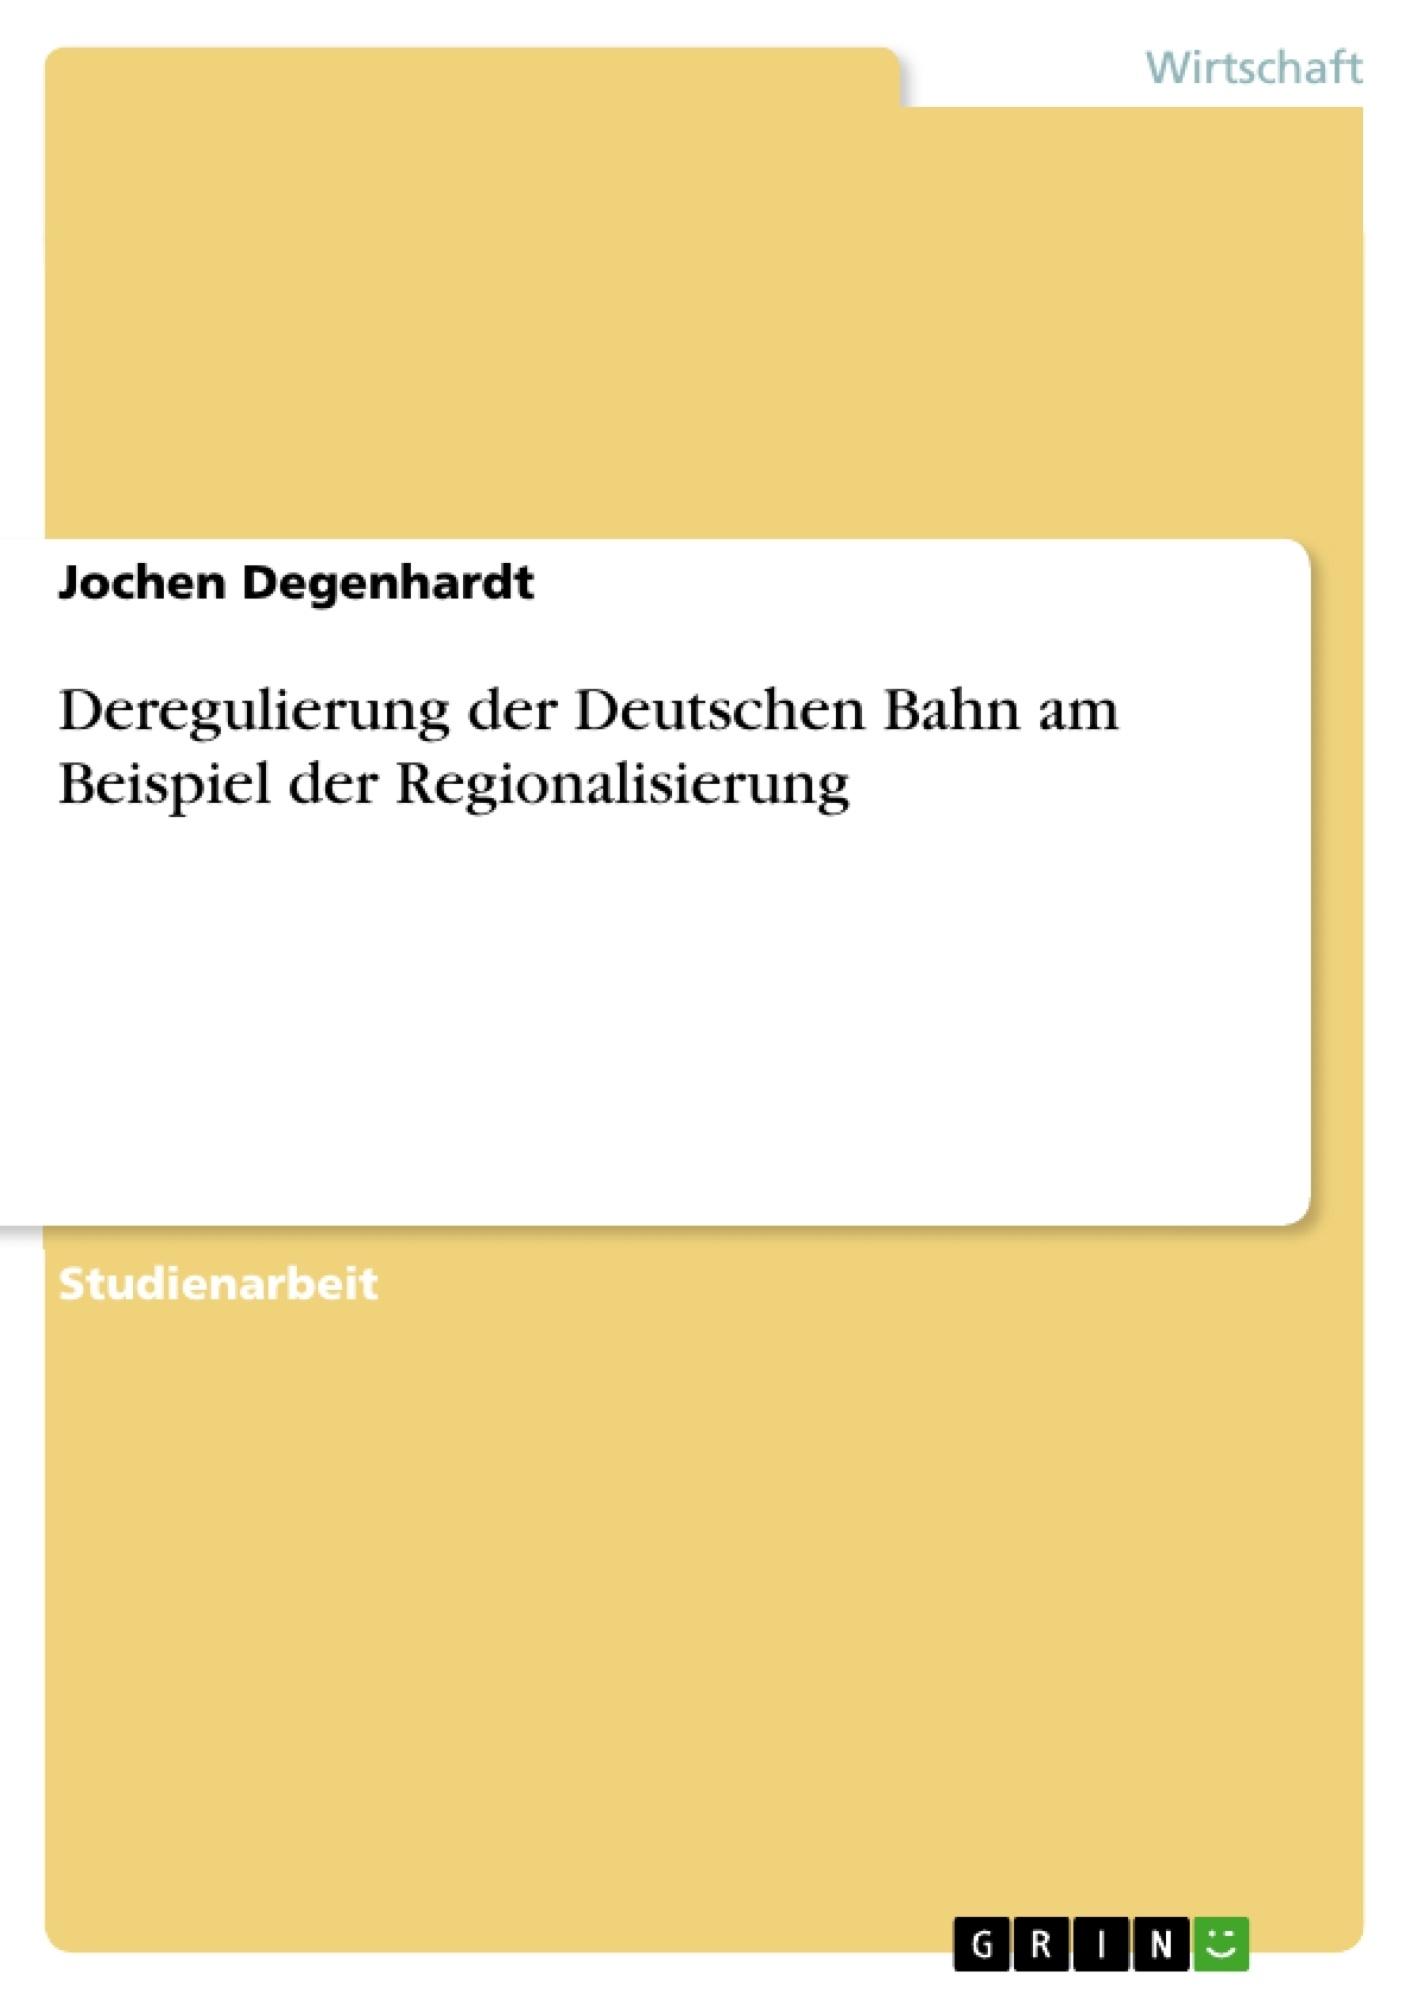 Titel: Deregulierung der Deutschen Bahn am Beispiel der Regionalisierung